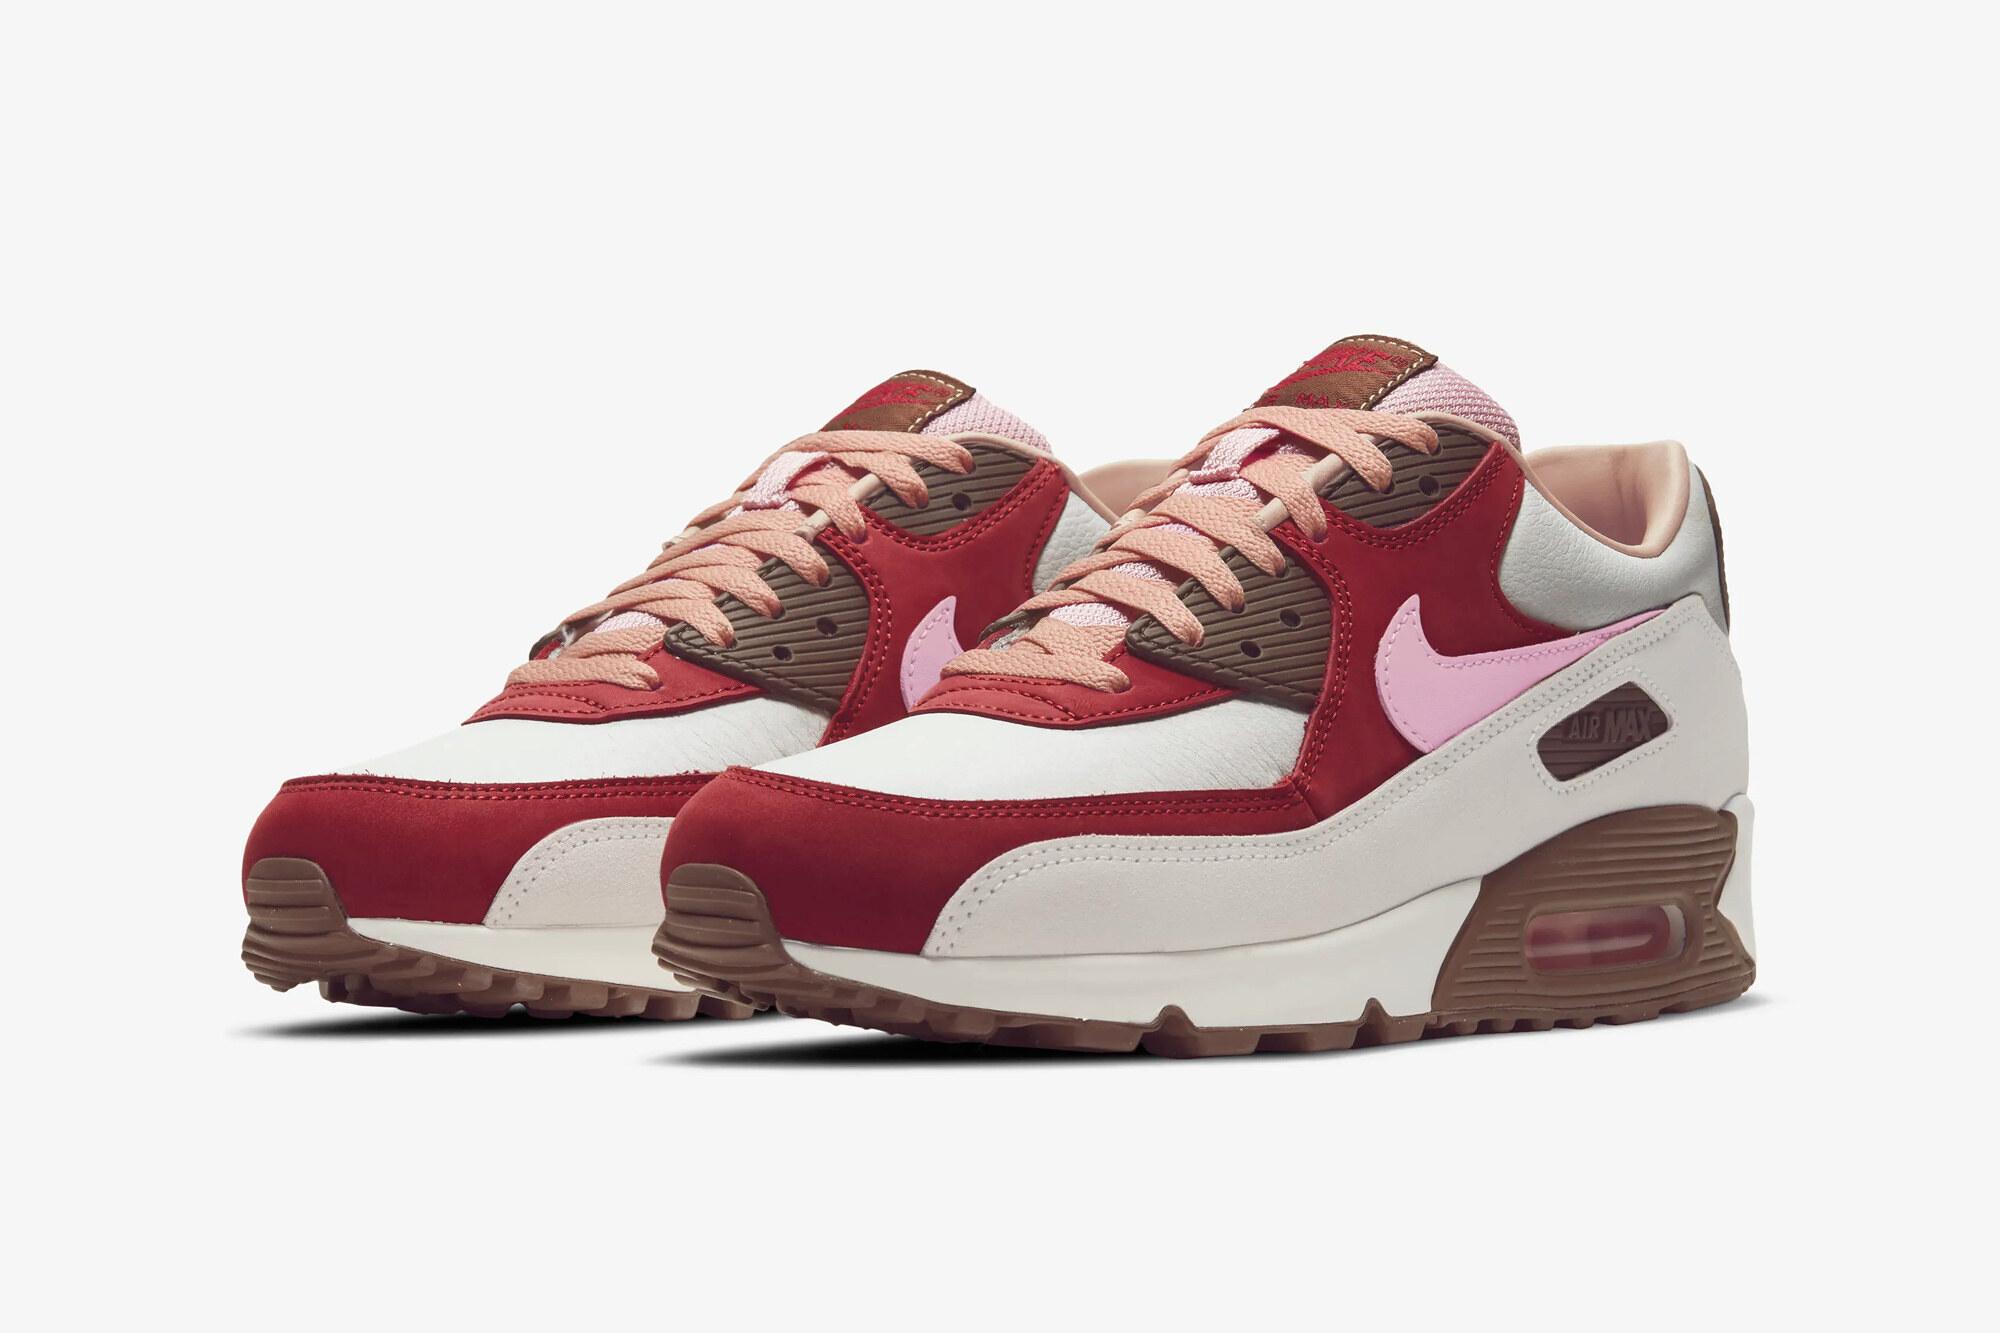 Nike Air Max 90 Bacon